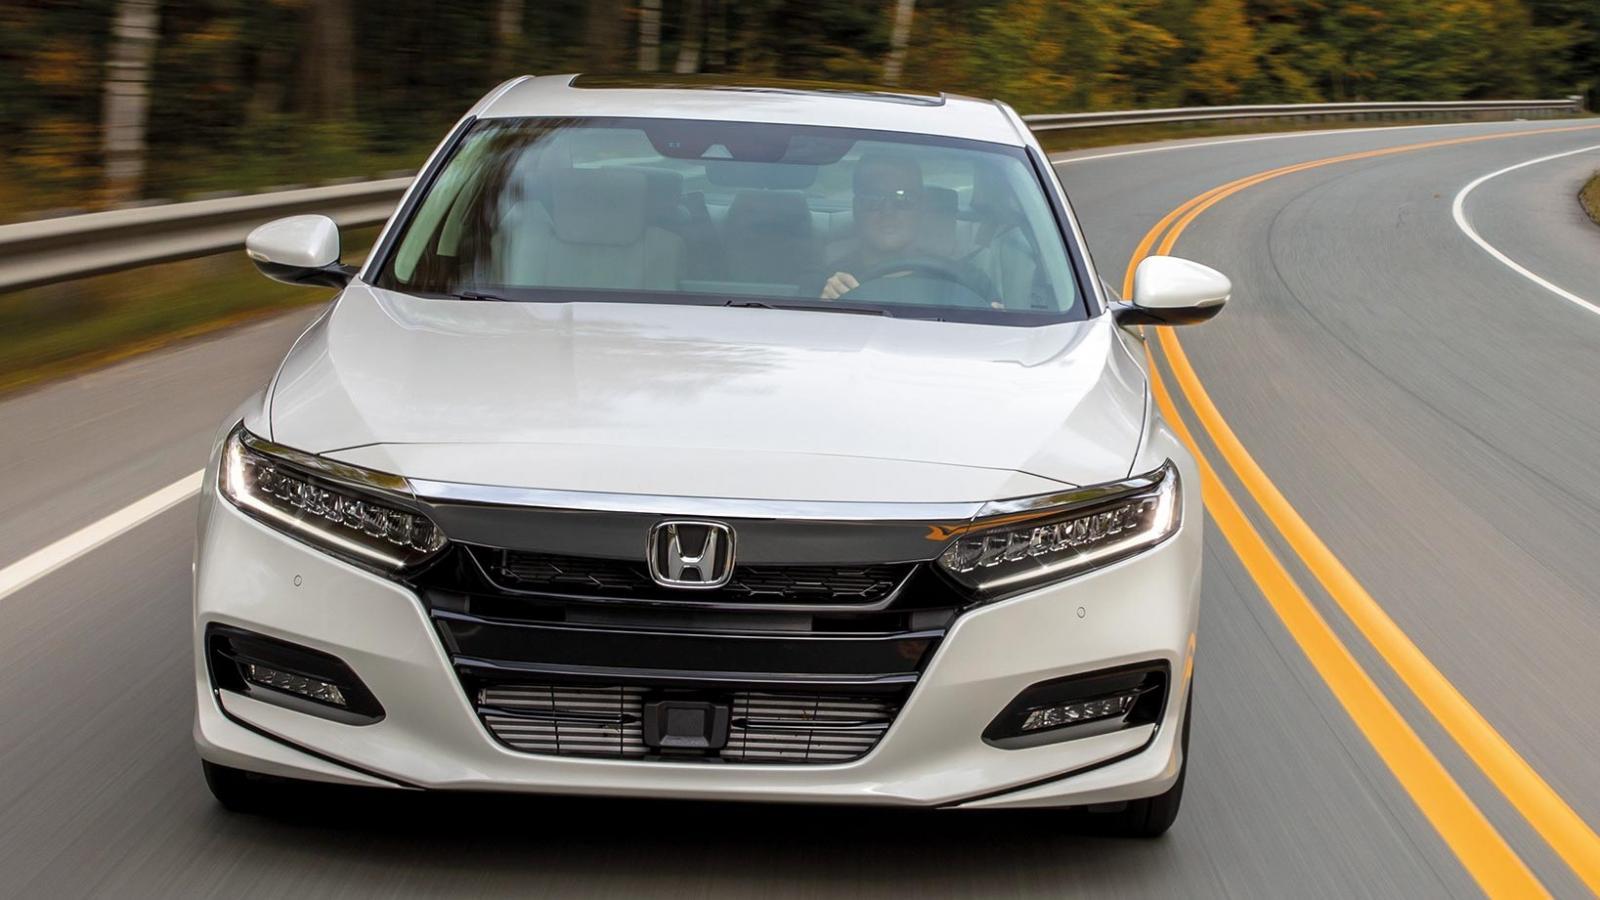 El Honda Accord Touring 2020 presume un diseño elegante y dinámico